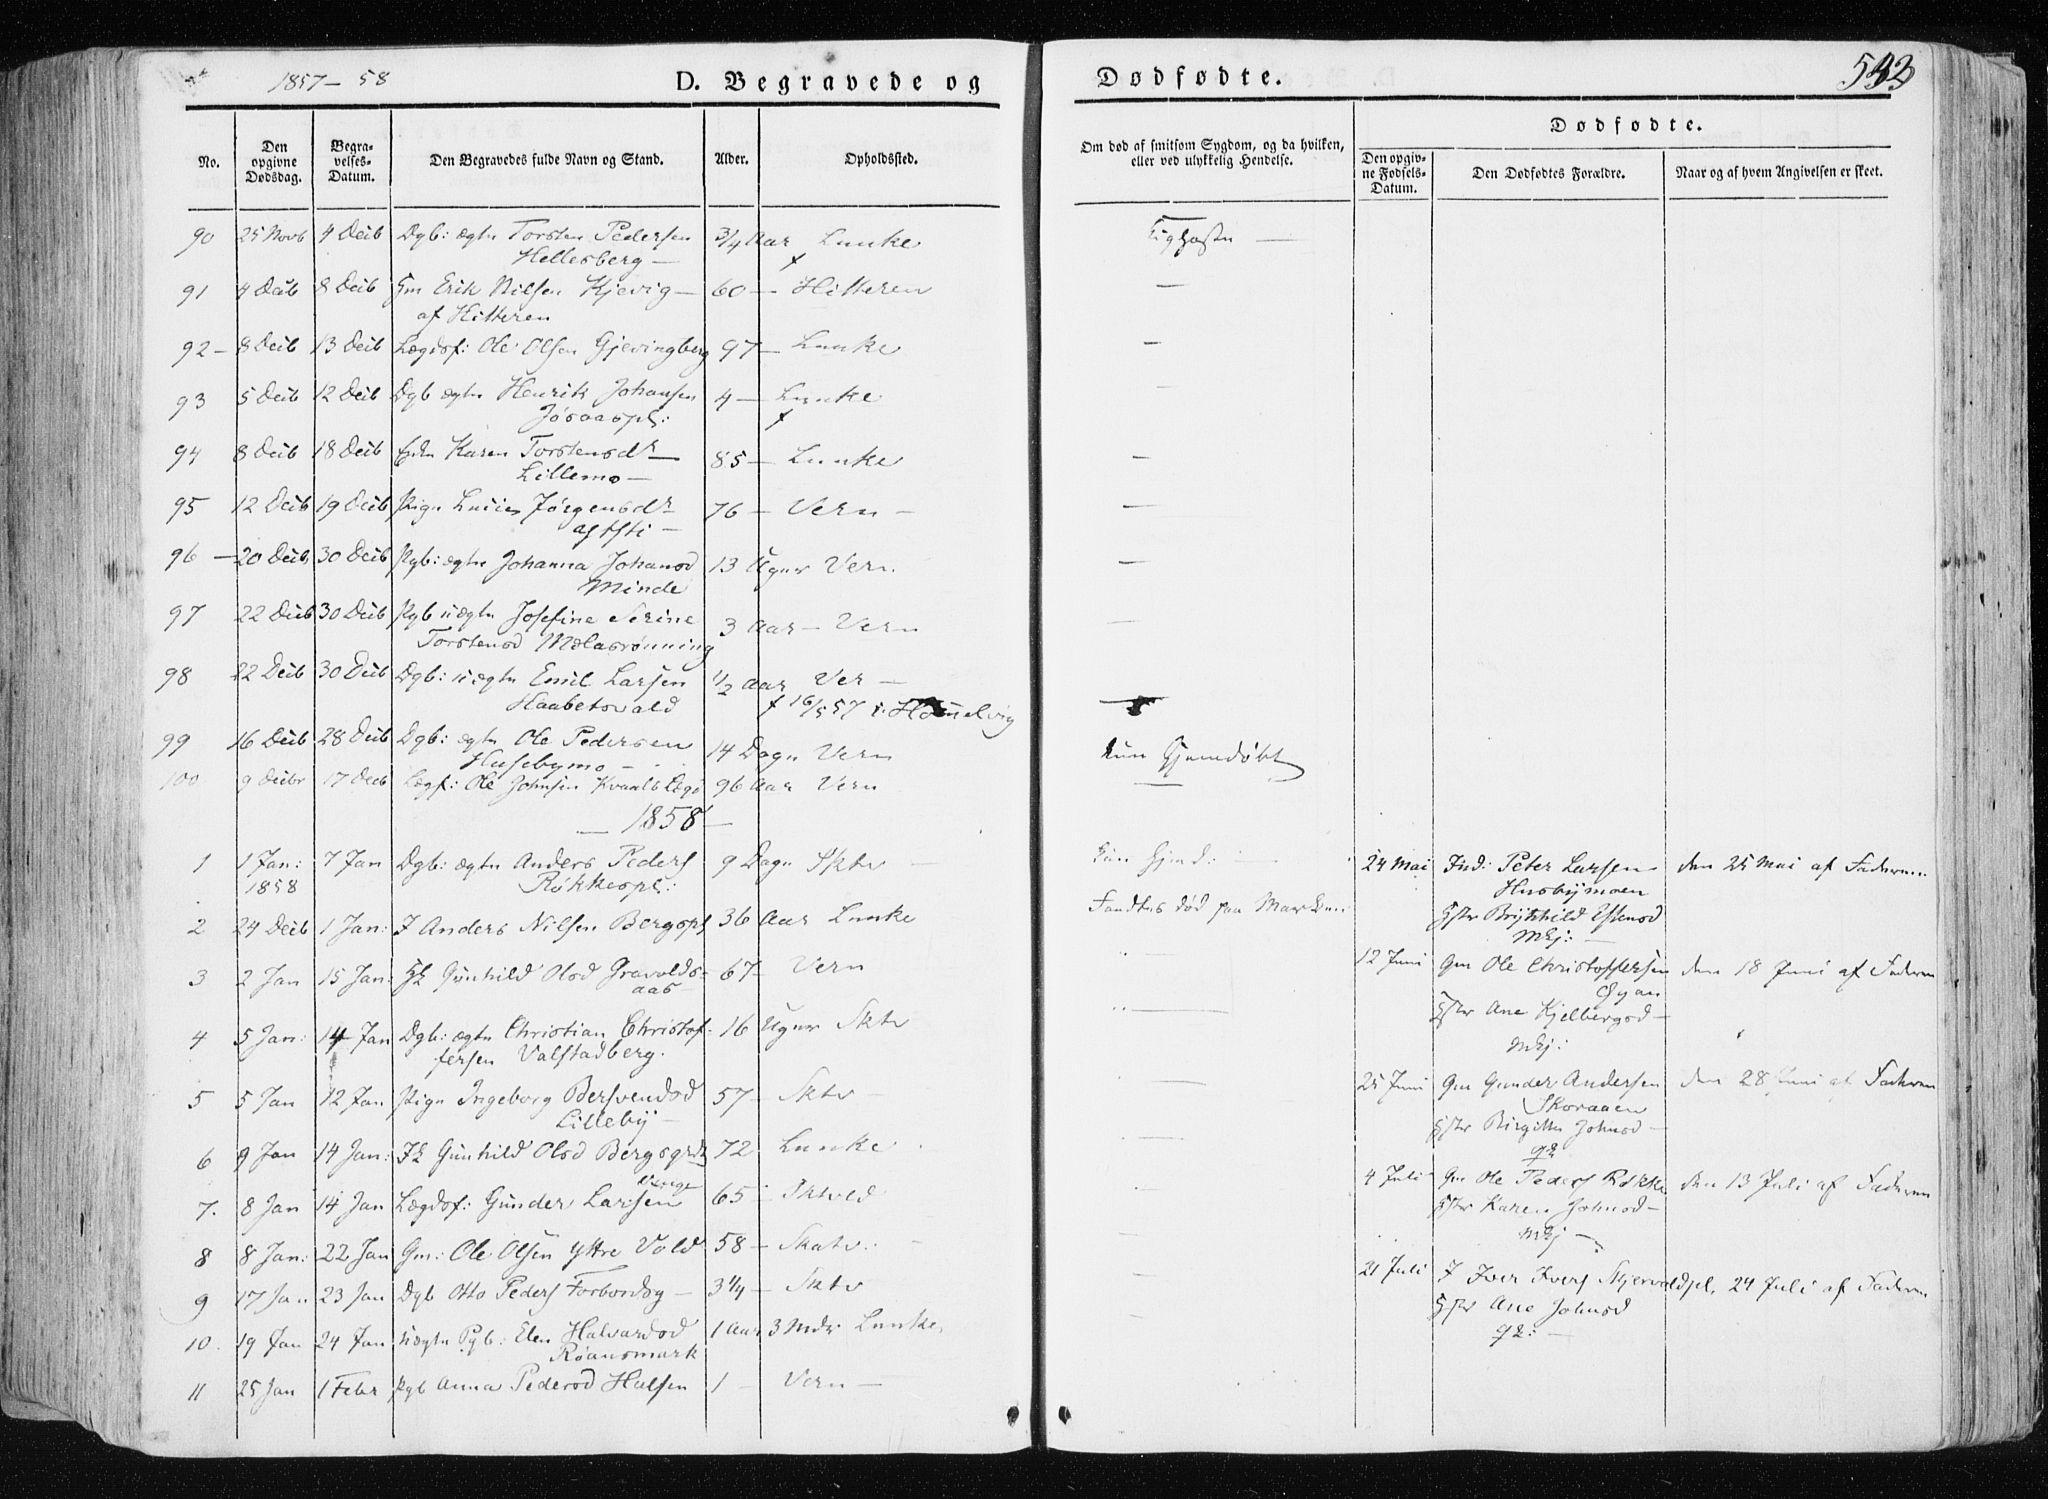 SAT, Ministerialprotokoller, klokkerbøker og fødselsregistre - Nord-Trøndelag, 709/L0074: Ministerialbok nr. 709A14, 1845-1858, s. 533